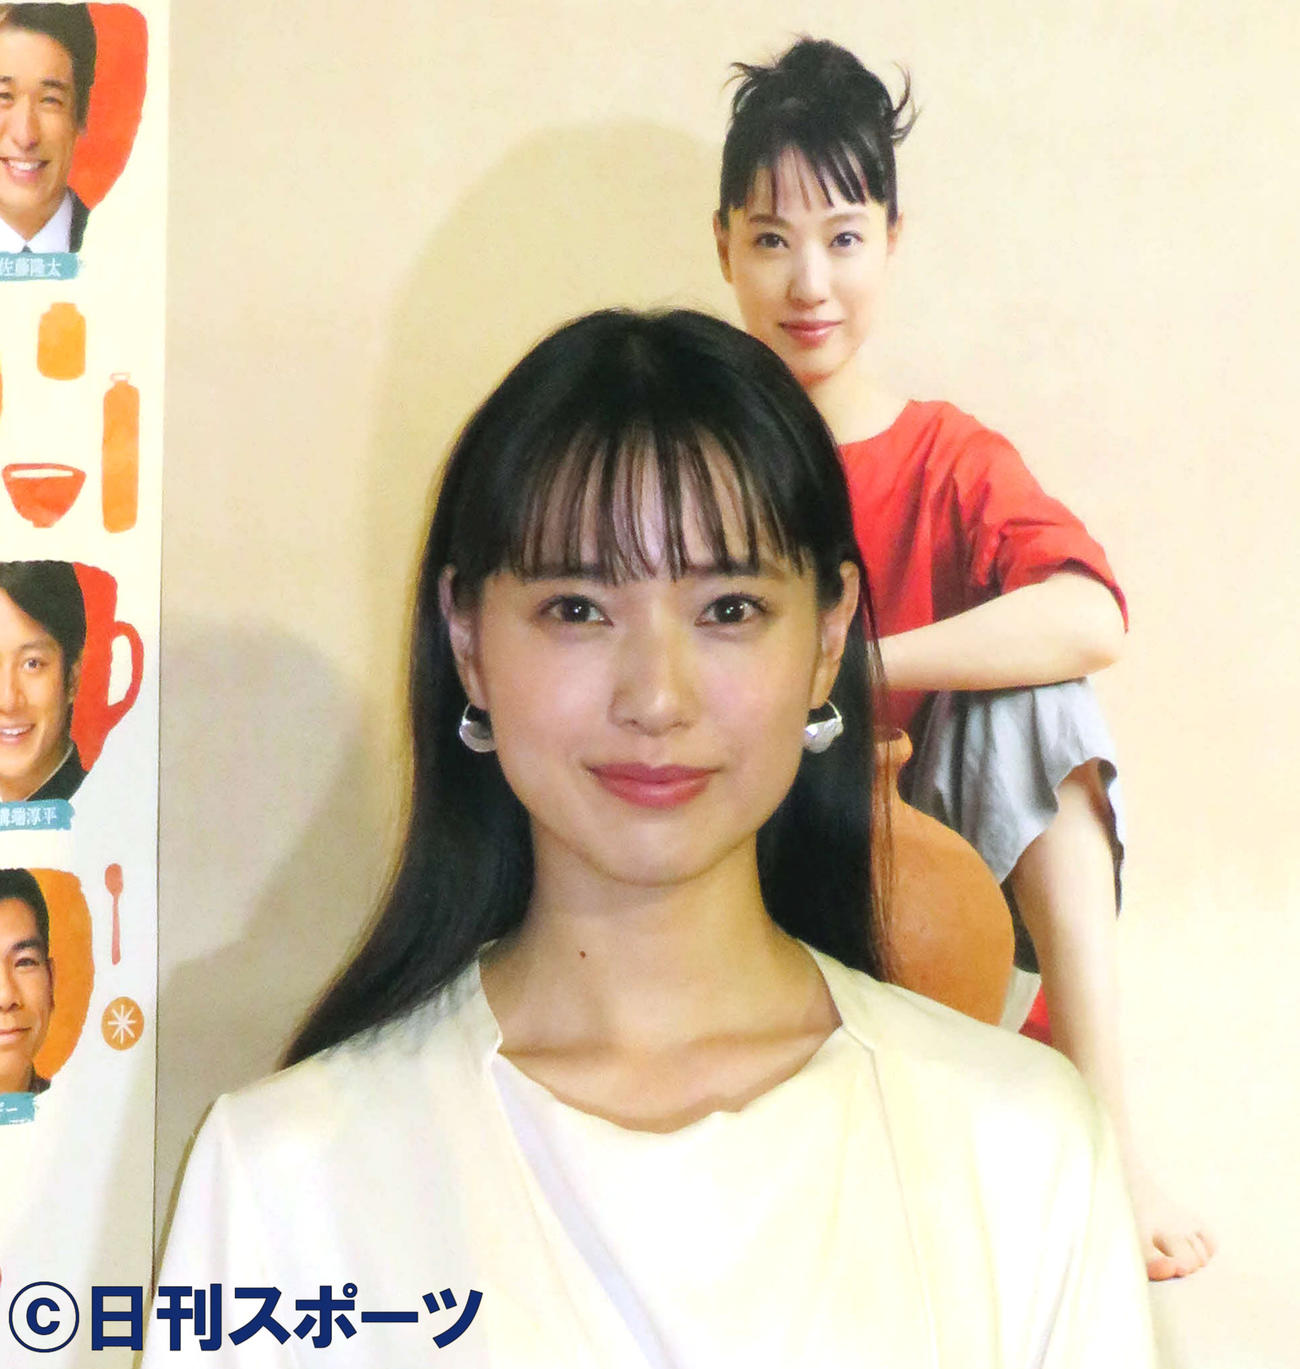 戸田恵梨香(2019年9月11日撮影)